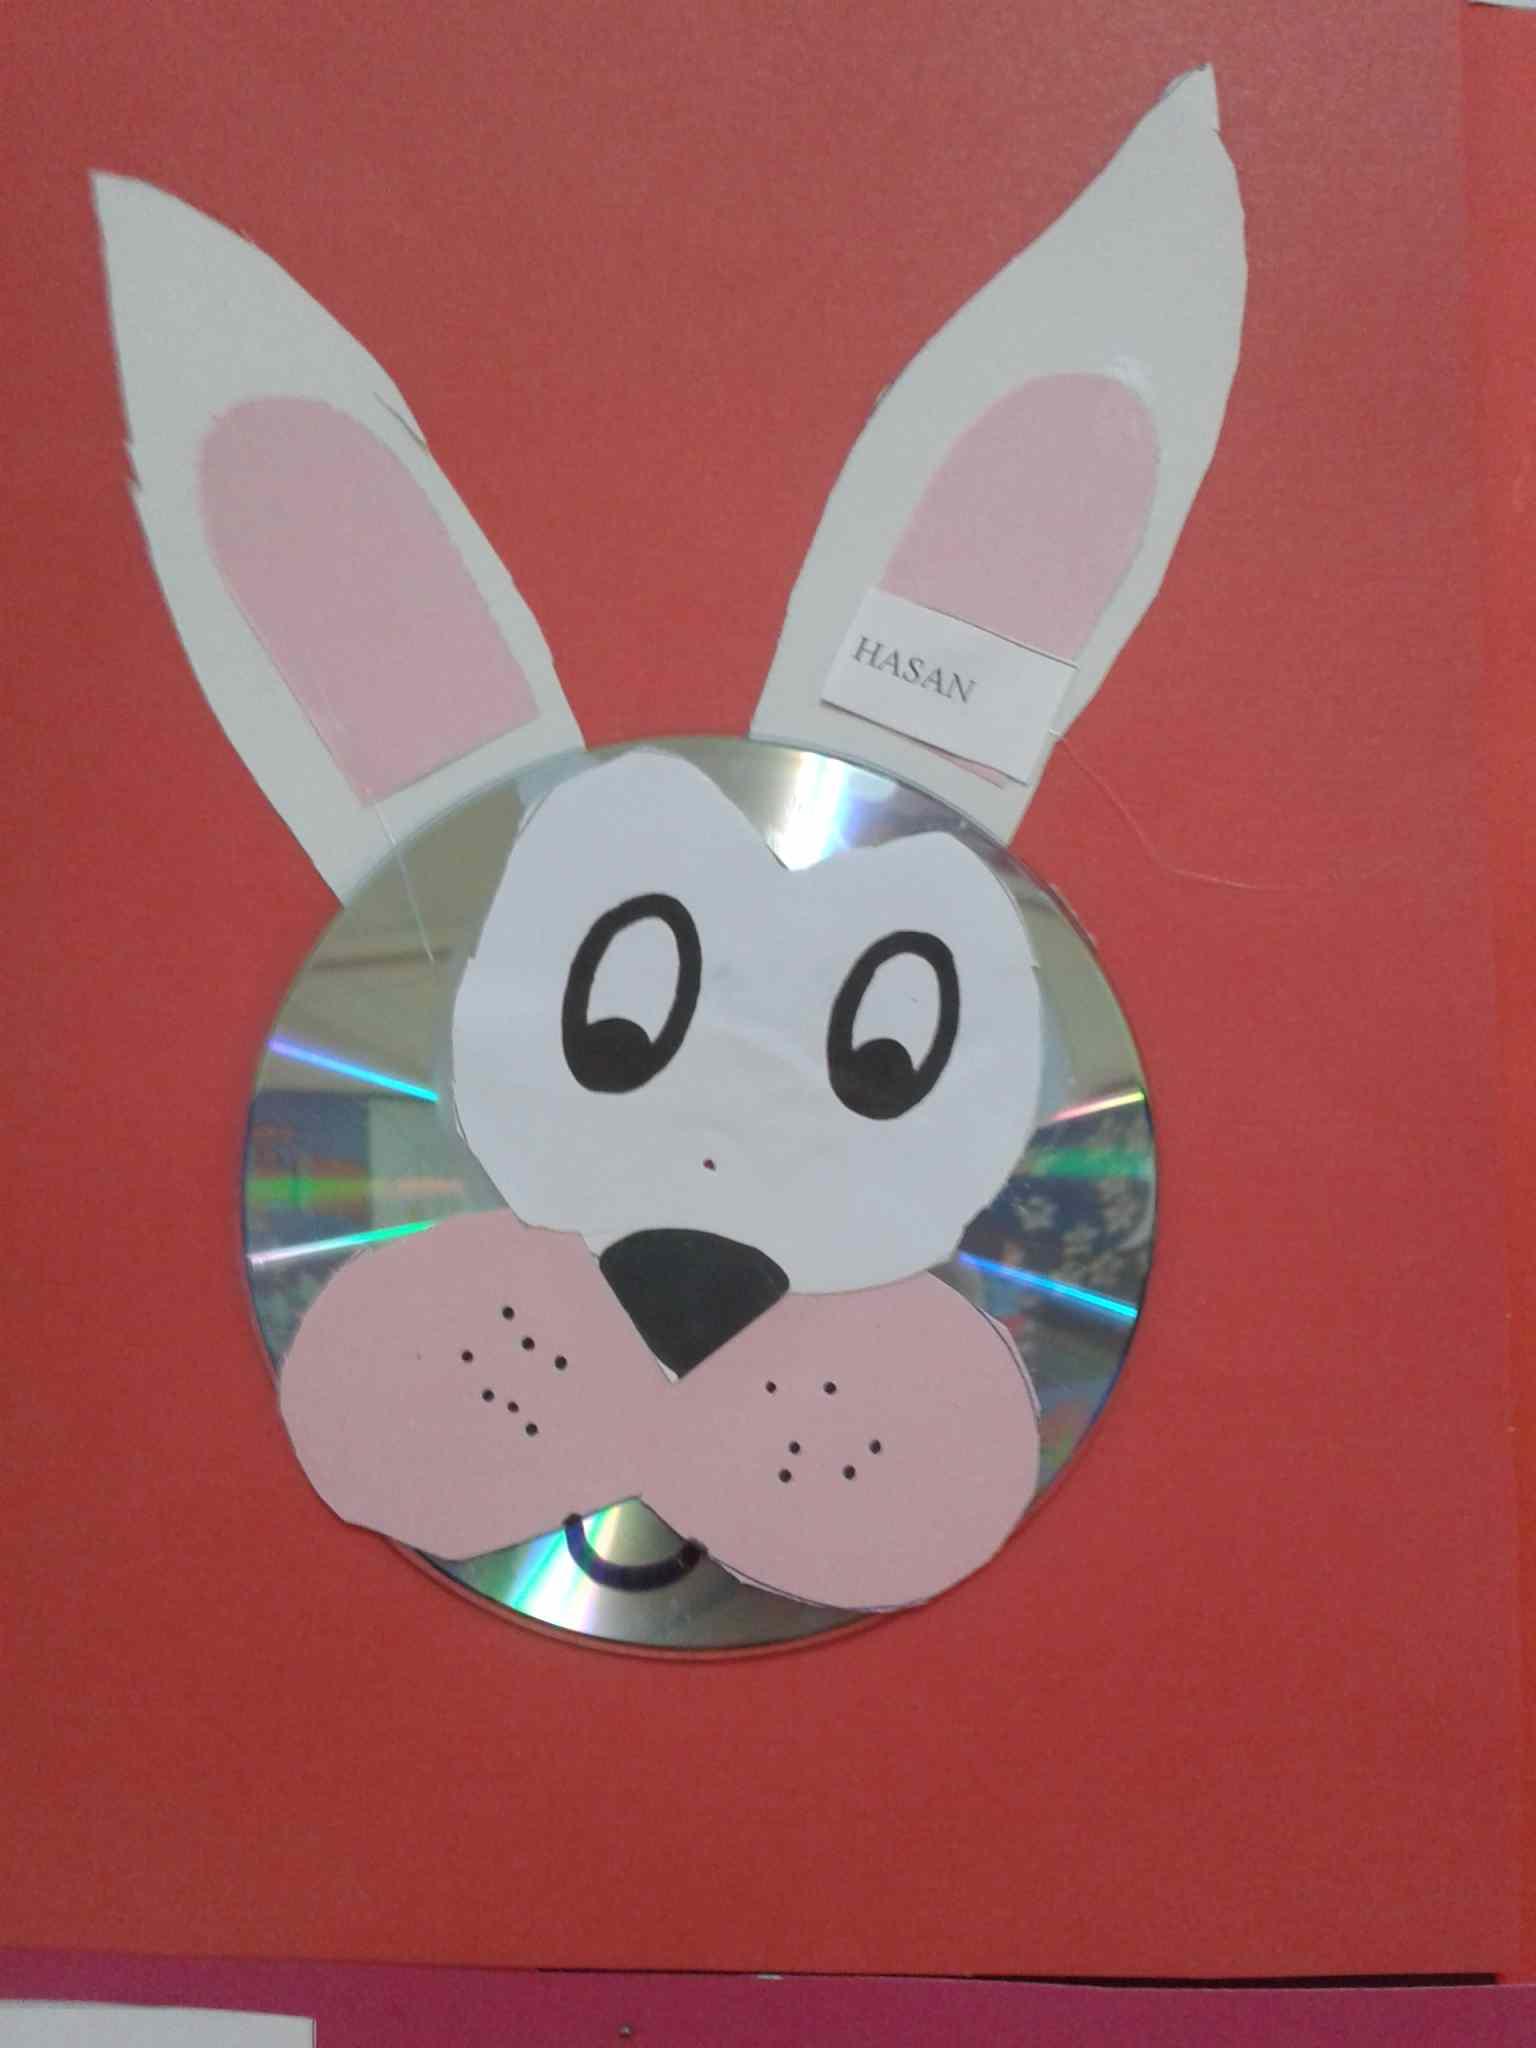 Cd Bunny Craft Idea For Kids 1 Preschoolplanet